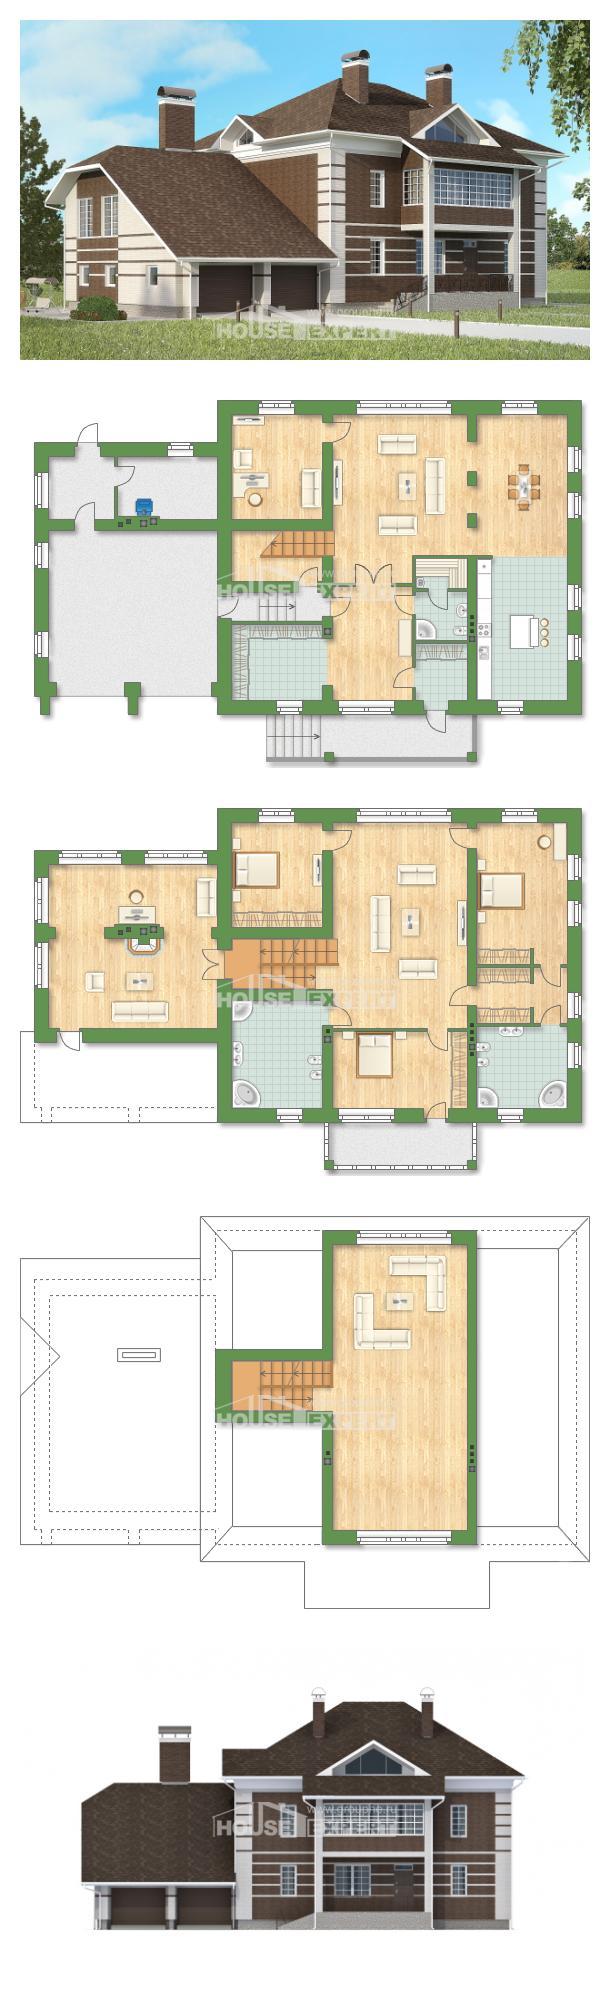 Plan 505-002-L | House Expert